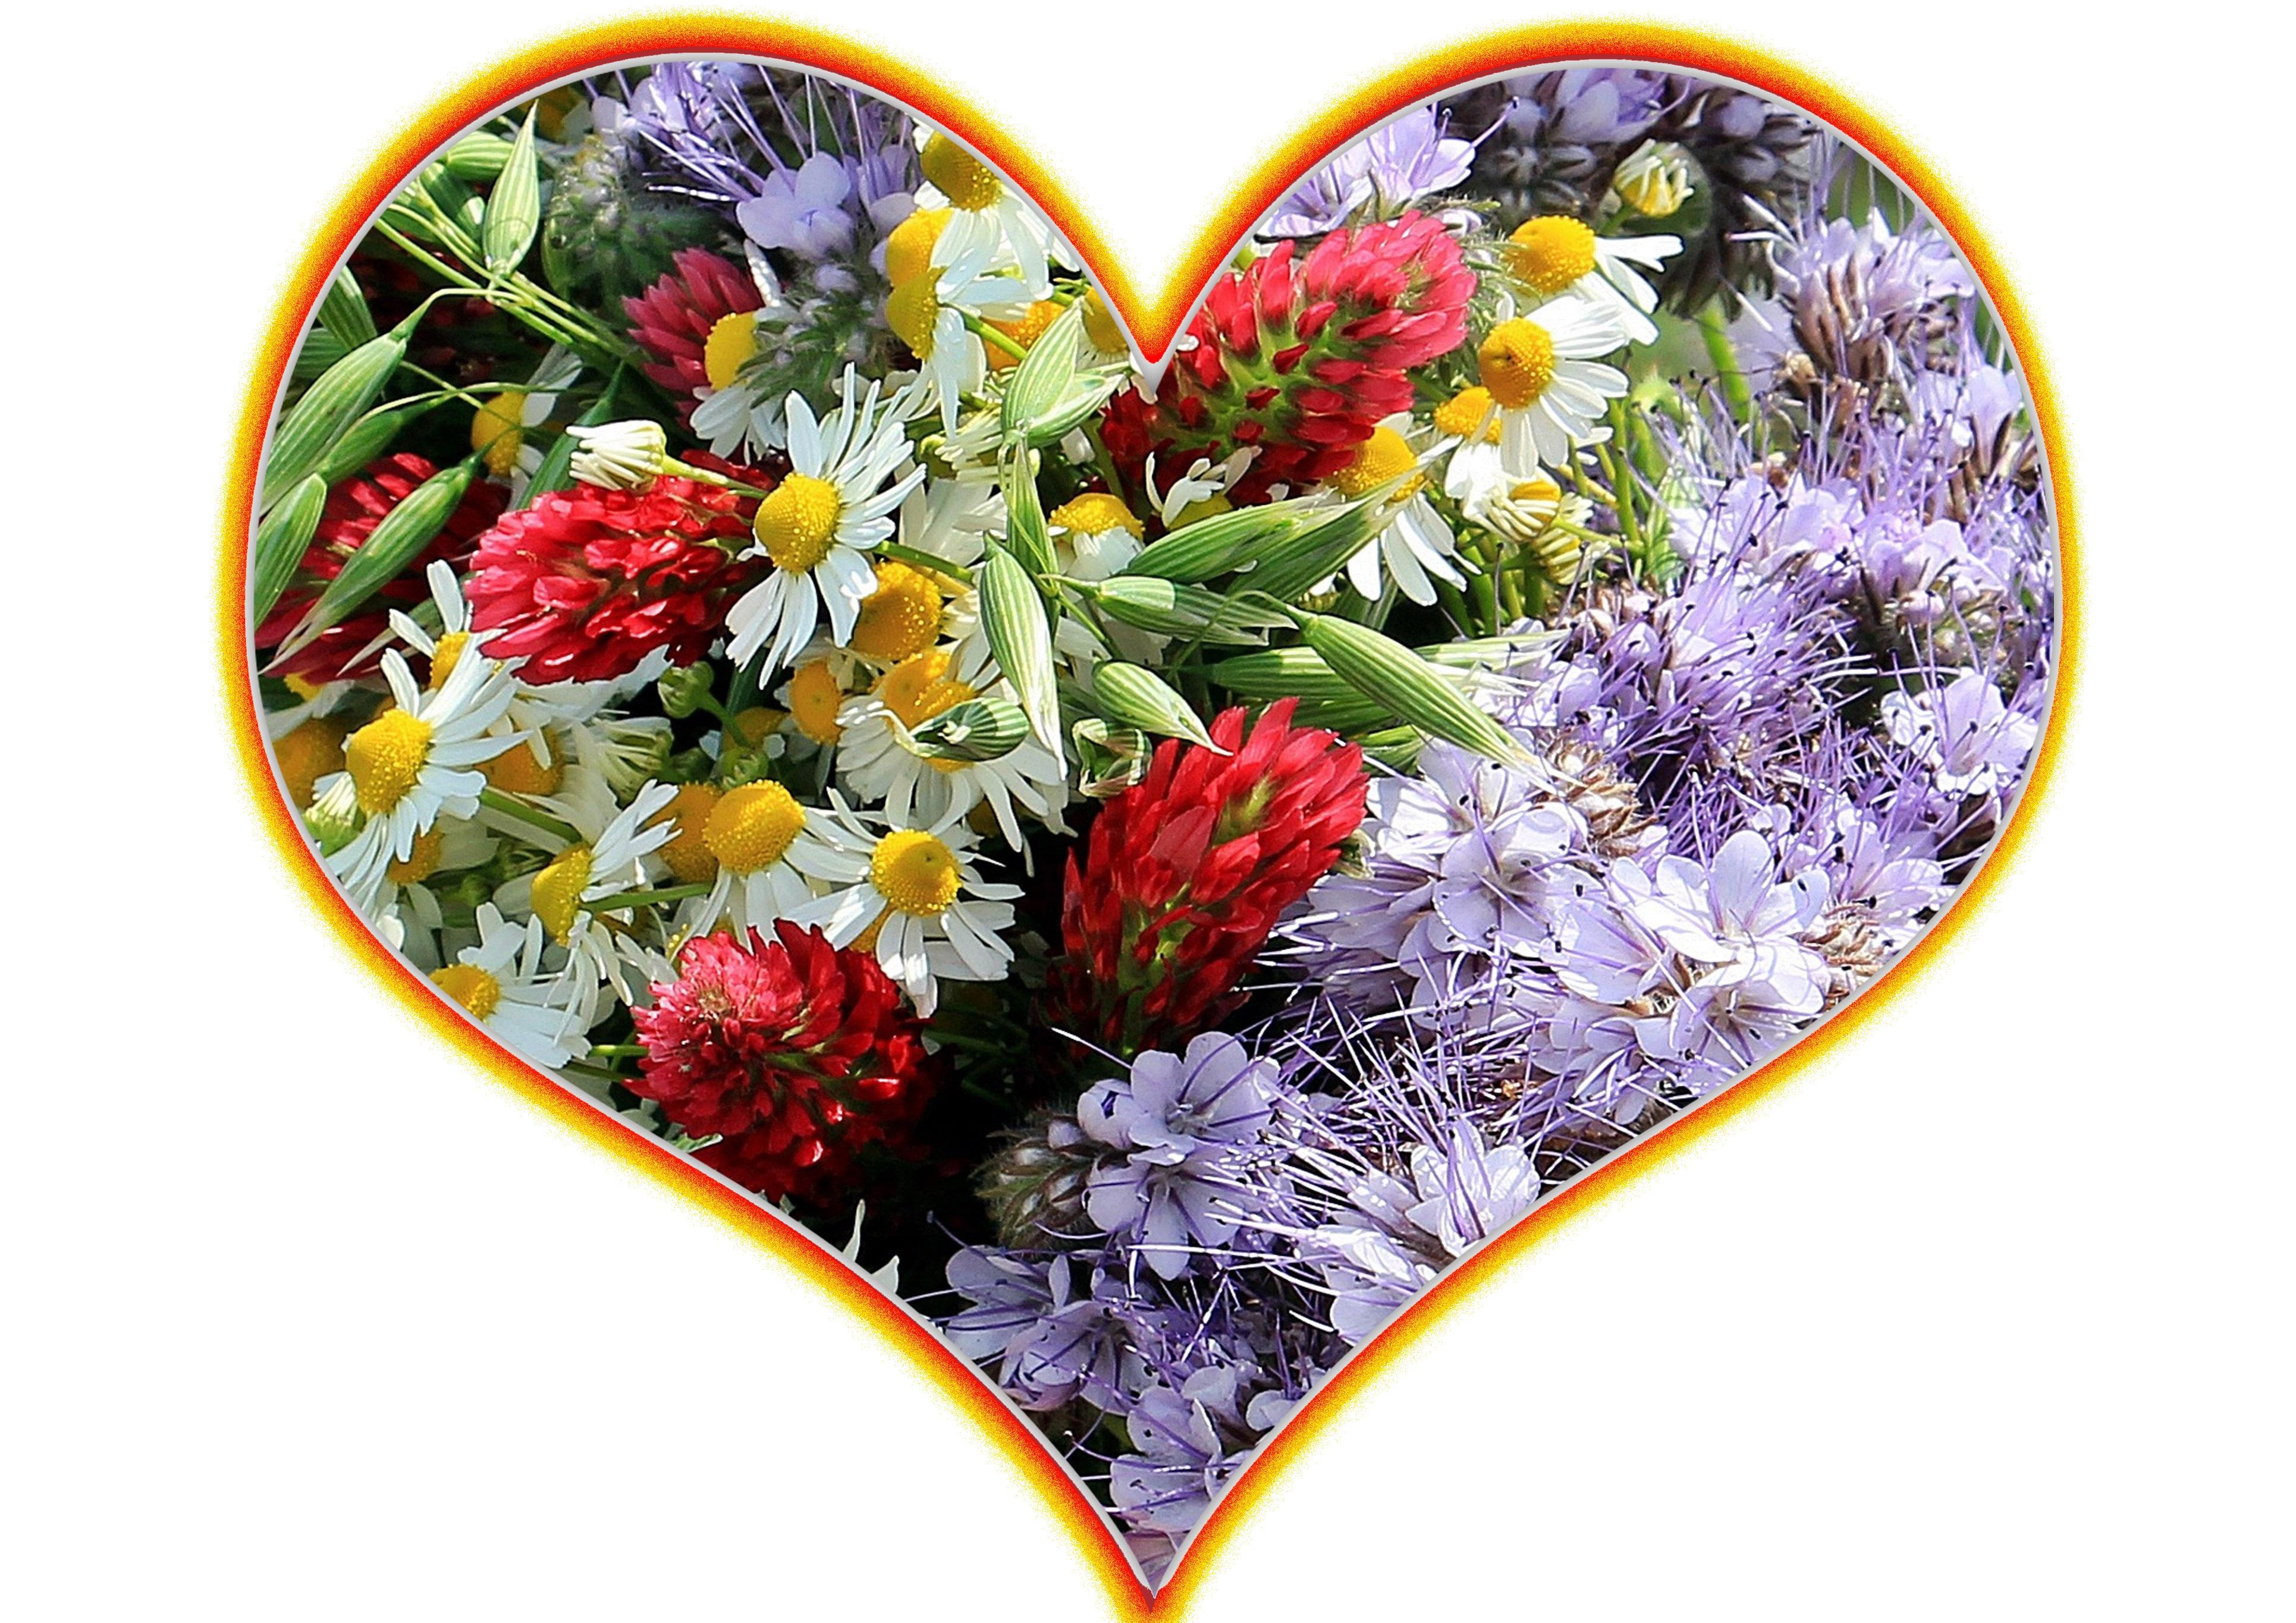 Free Images : petal, love, symbol, color, romance